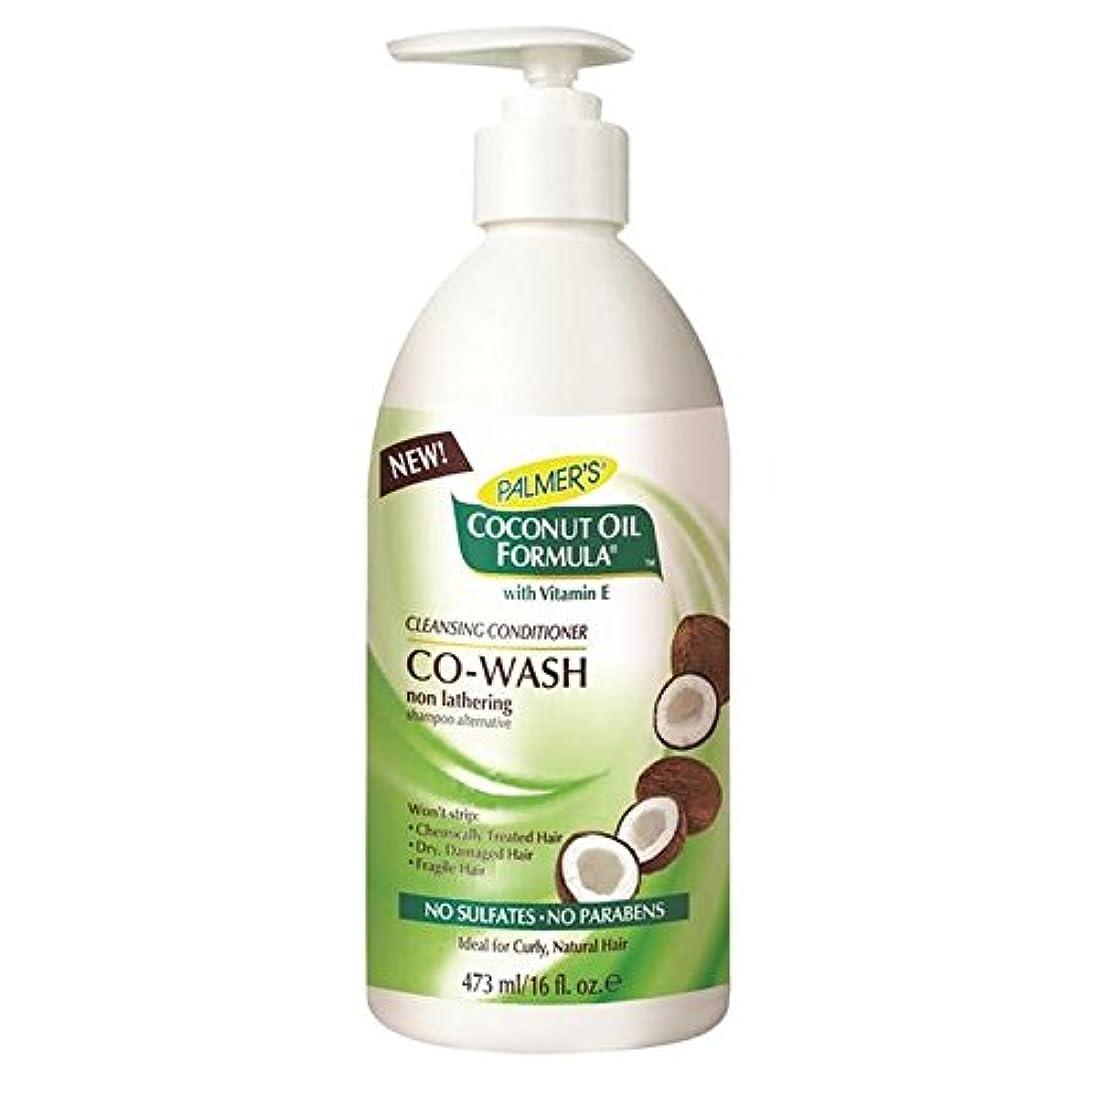 多用途パーセント新鮮なPalmer's Coconut Formula Co-Wash Cleansing Conditioner, Shampoo Alternative 473ml (Pack of 6) - パーマーのココナッツ式コウォッシュクレンジングコンディショナー...